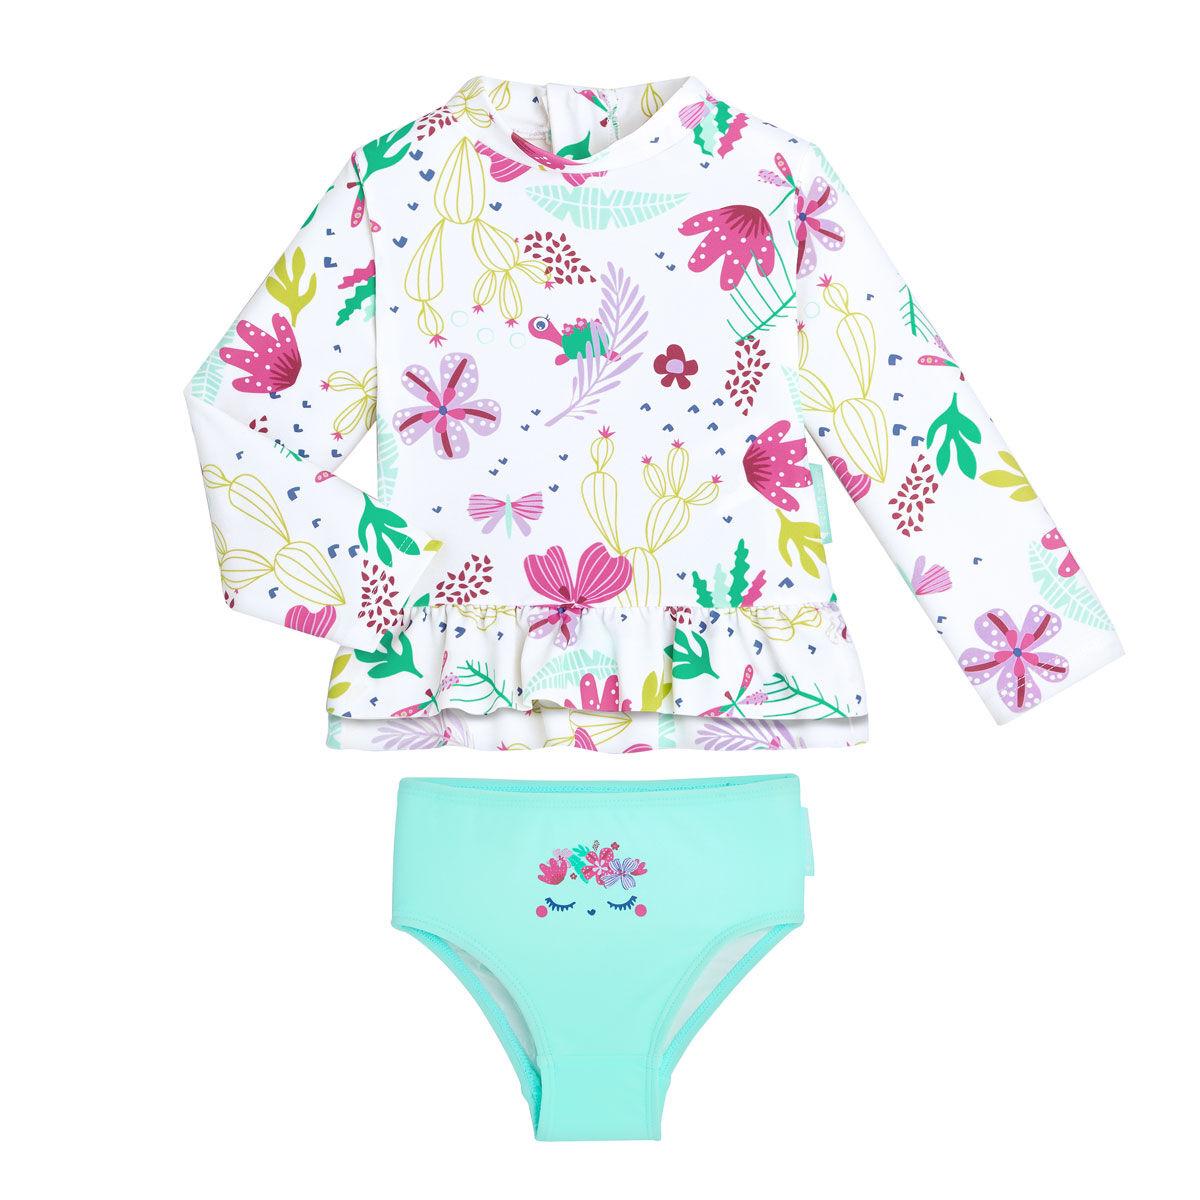 Petit Béguin Maillot de bain ANTI-UV fille 2 pièces t-shirt & culotte Tropic Coco - Taille - 18 mois